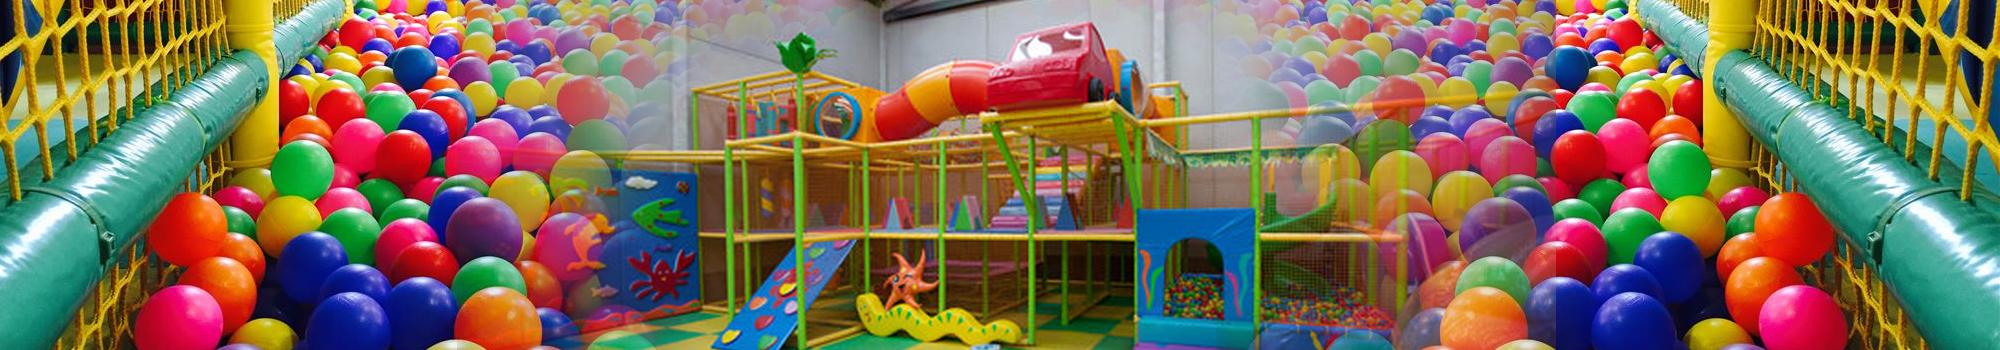 Centros de ocio infantil en santa pola, centros de ocio infantil en gran alacant